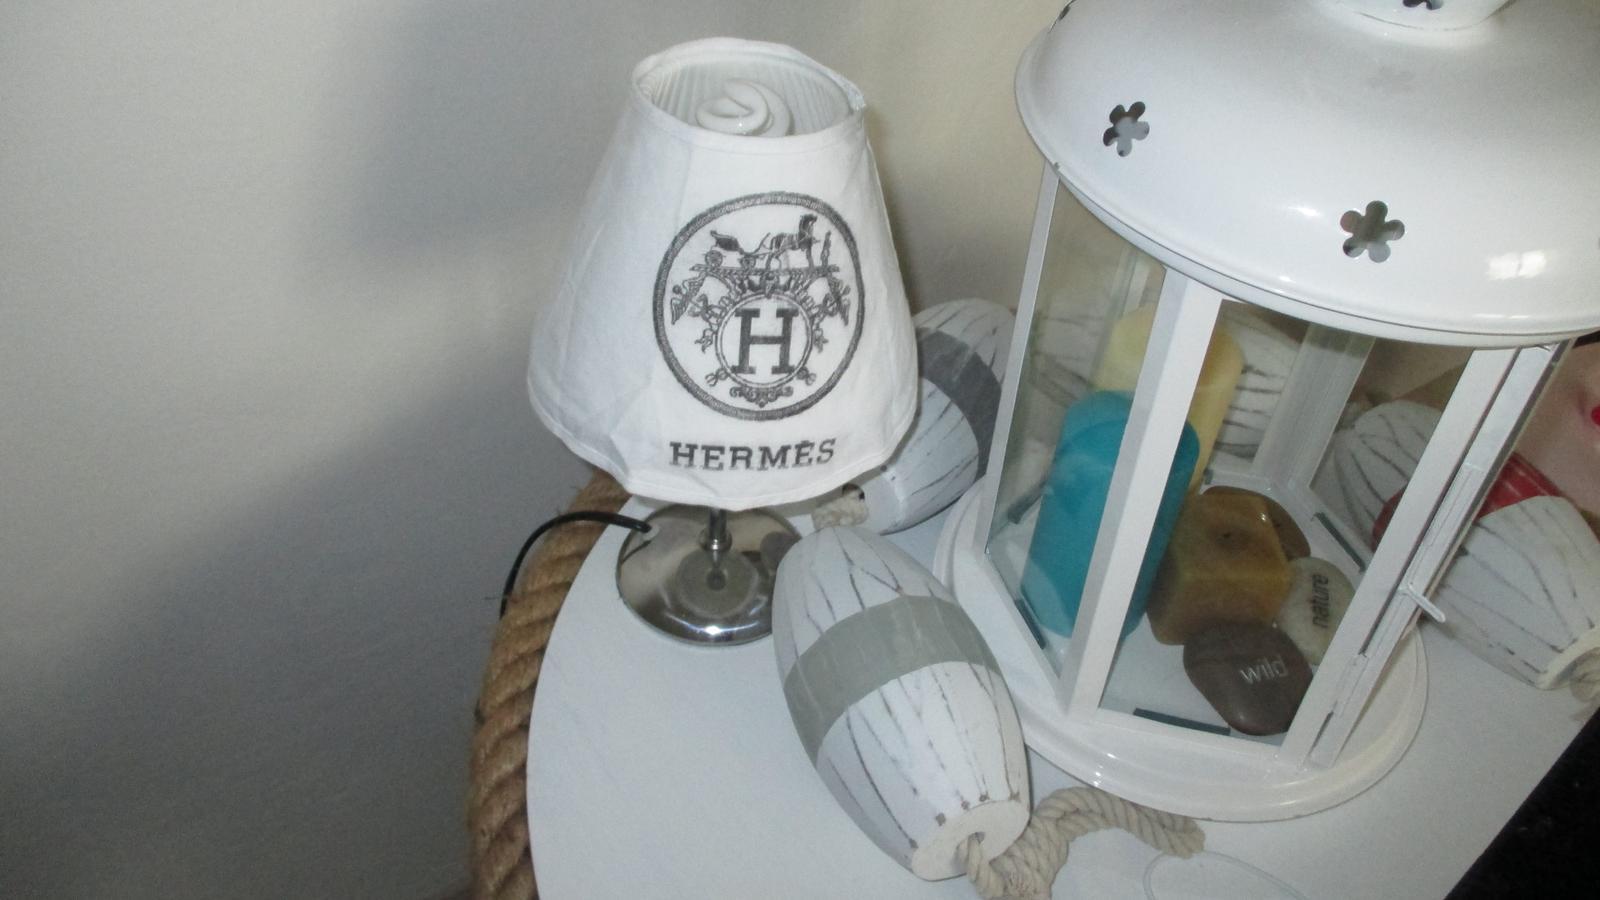 nočná lampa hermés - Obrázok č. 1